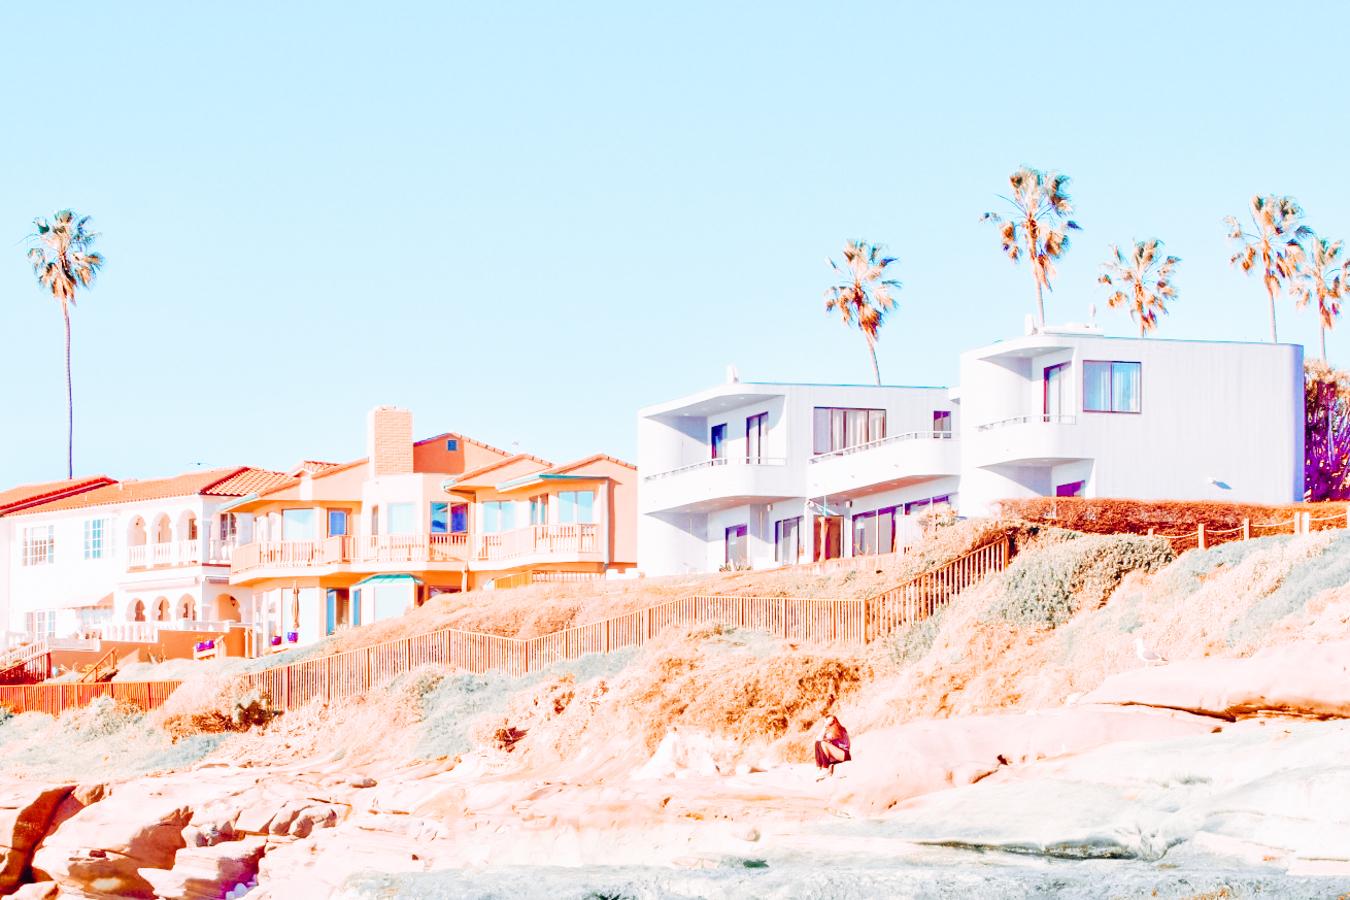 Buildings in San Diego